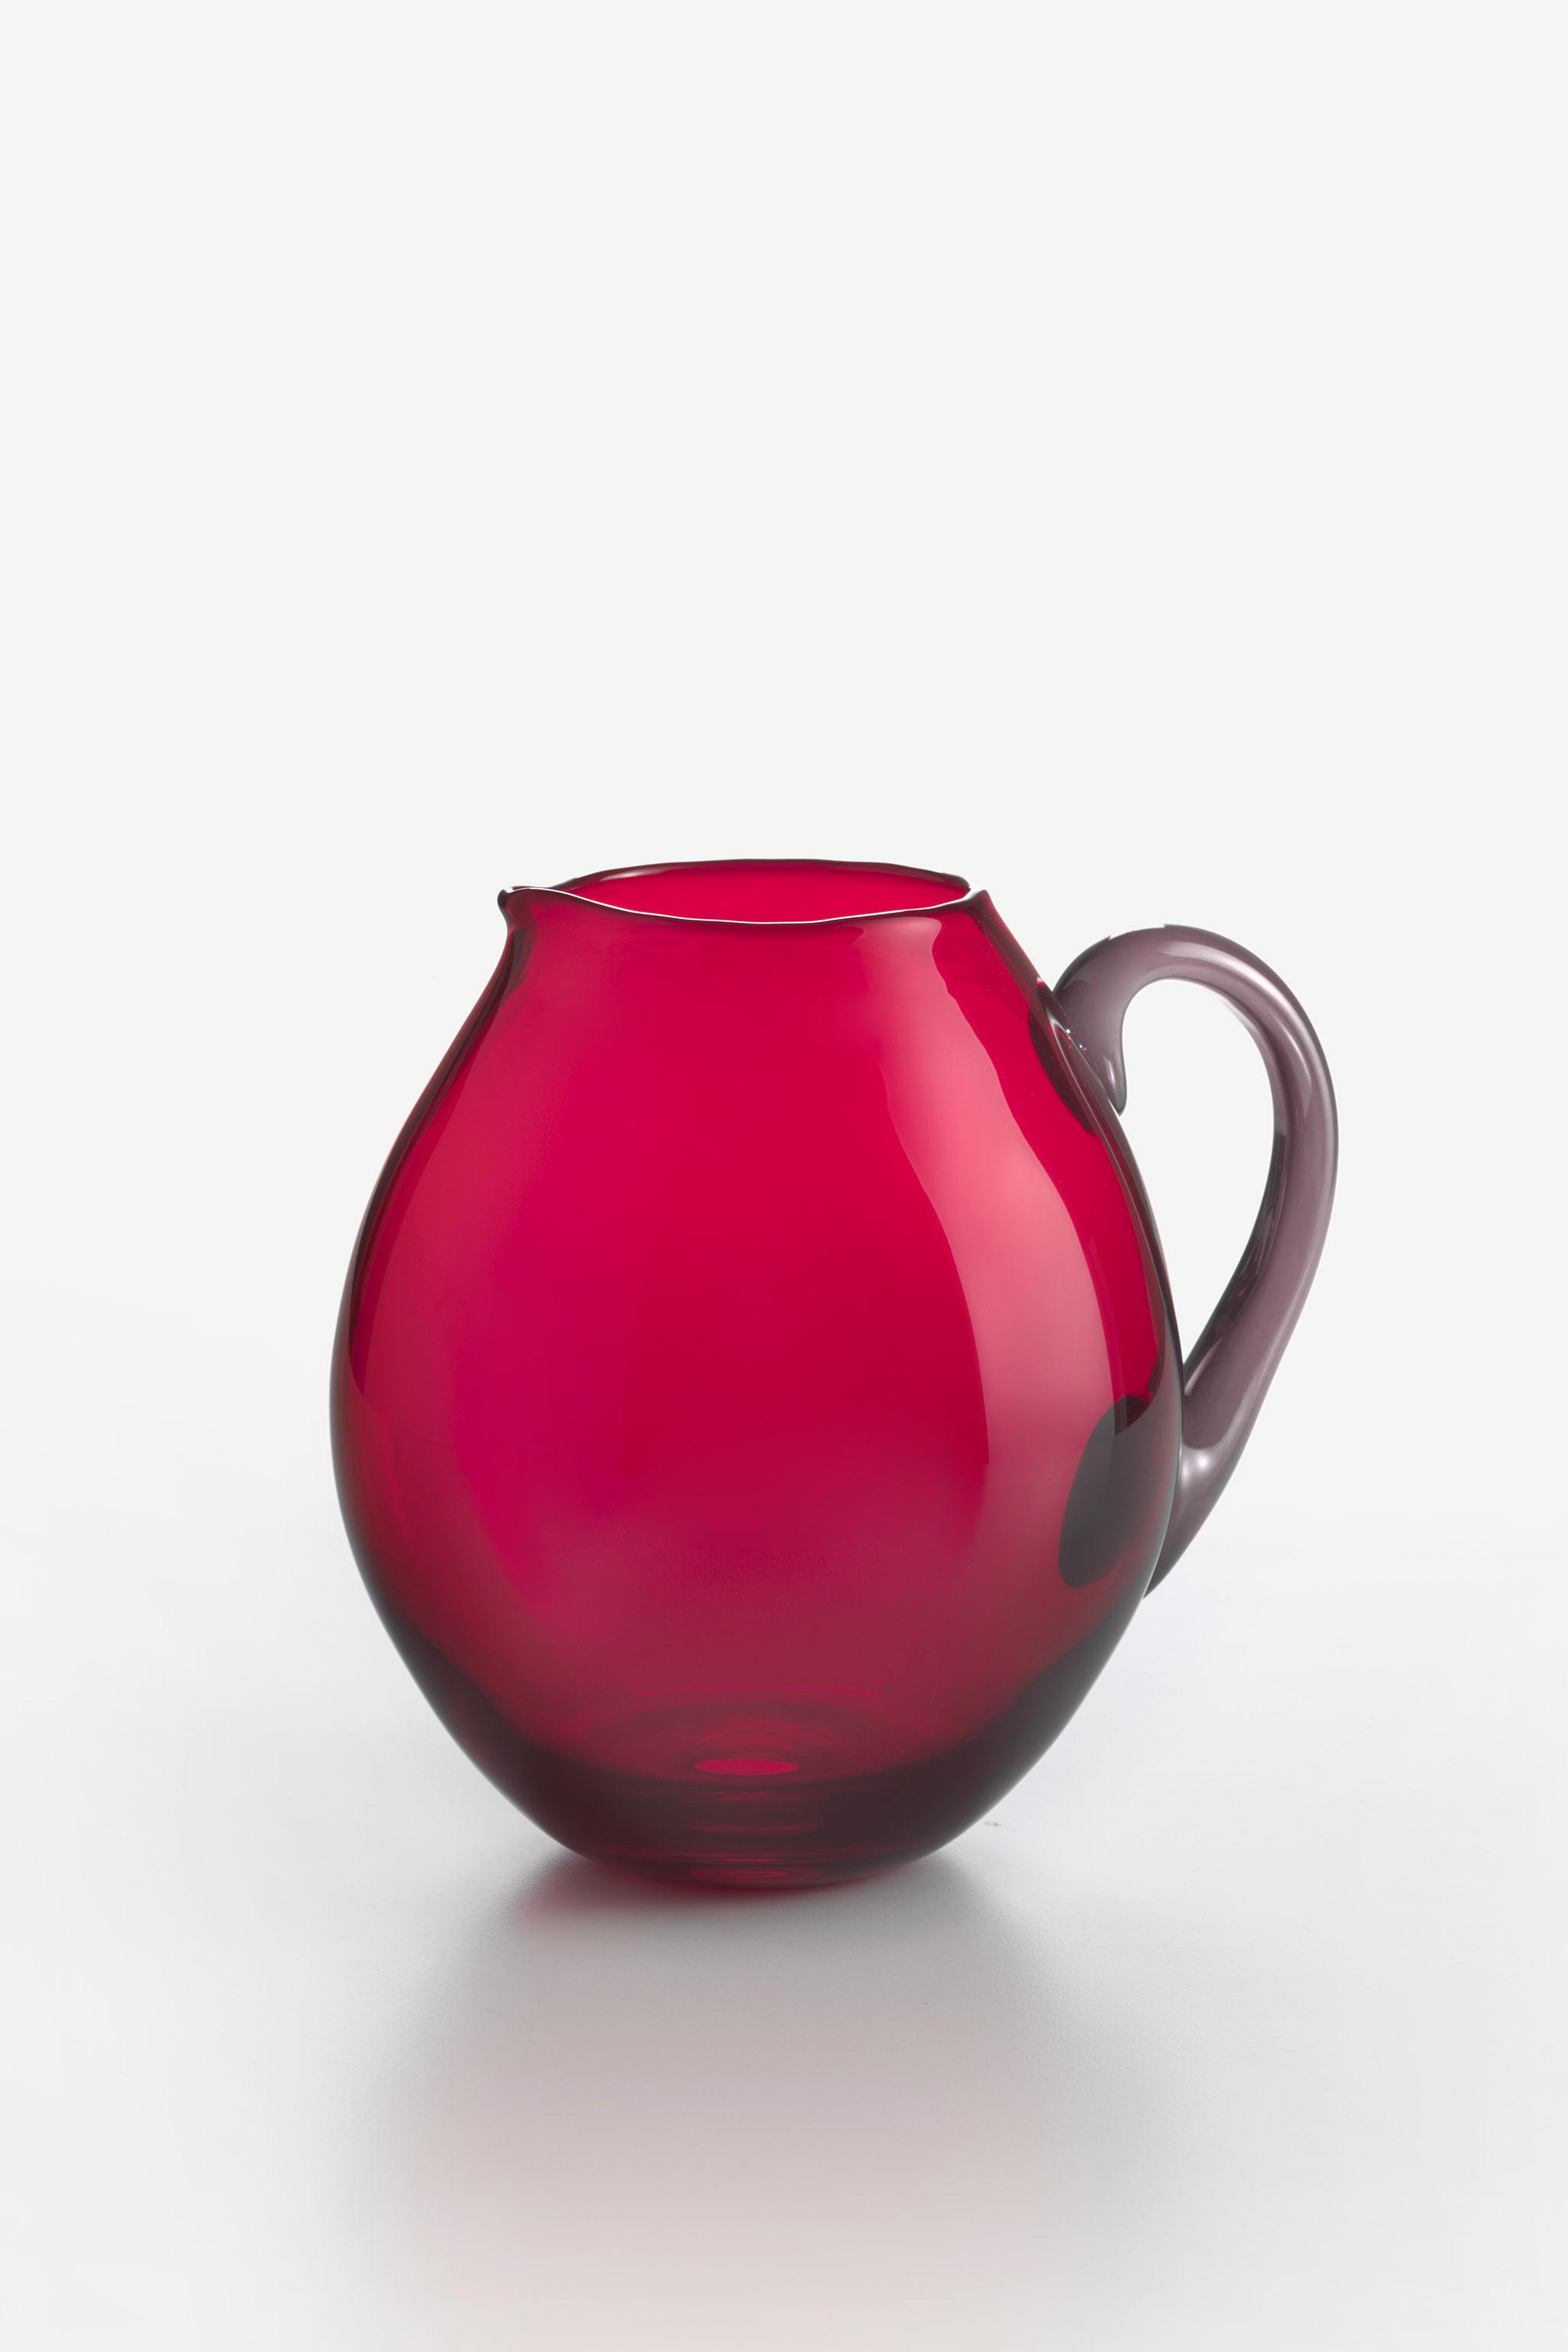 Caraffa Dandy Mirtillo Rosso